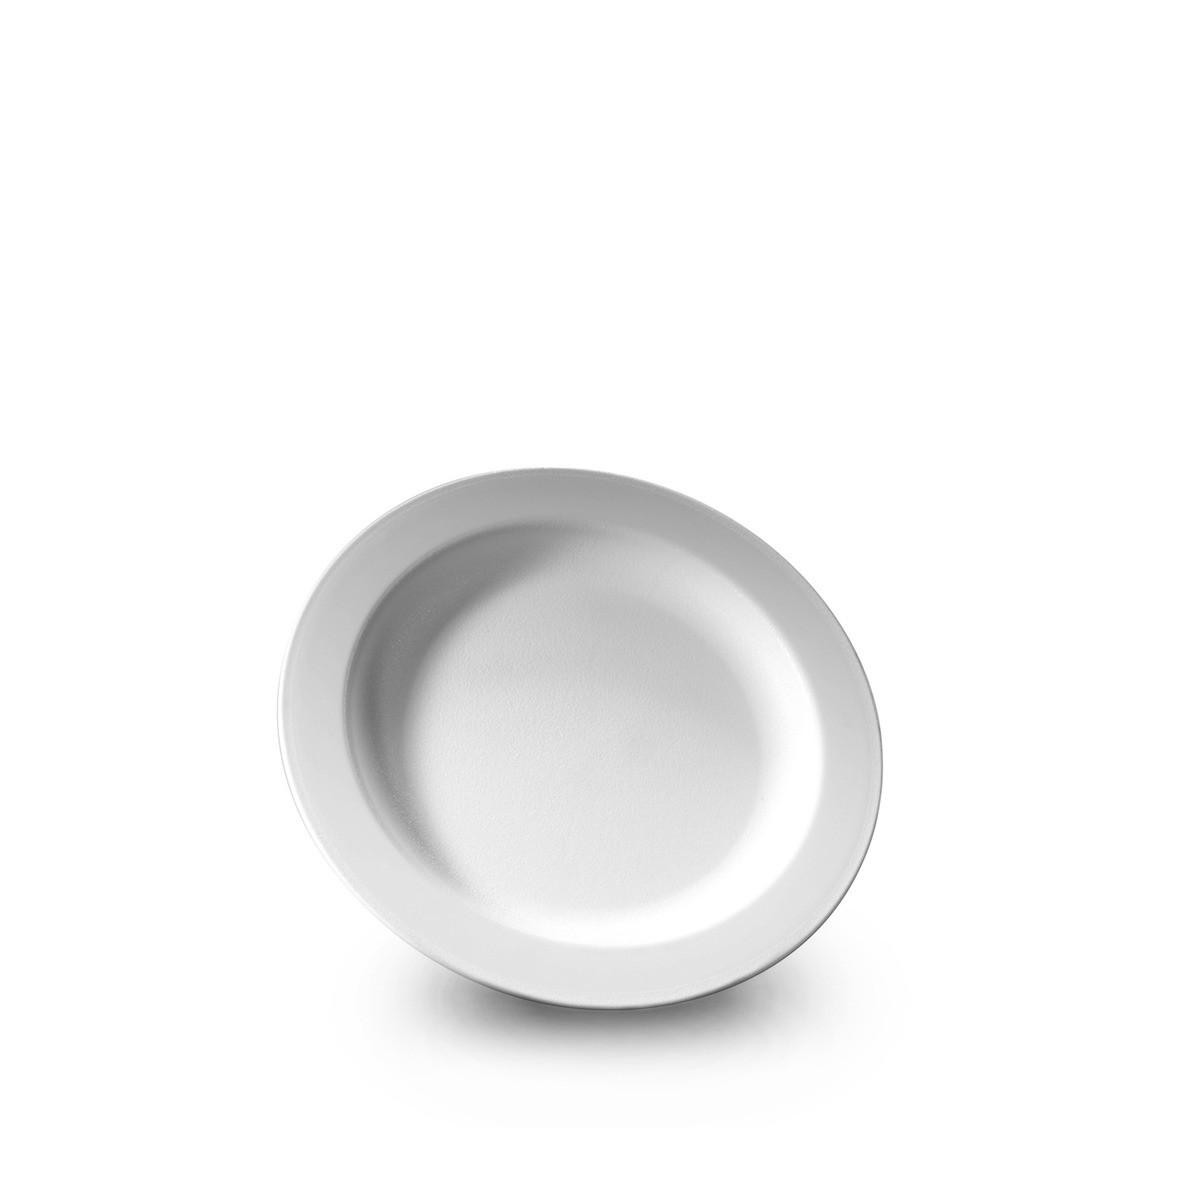 Assiette blanche incassable et personnalisable. Demandez votre devis ici.